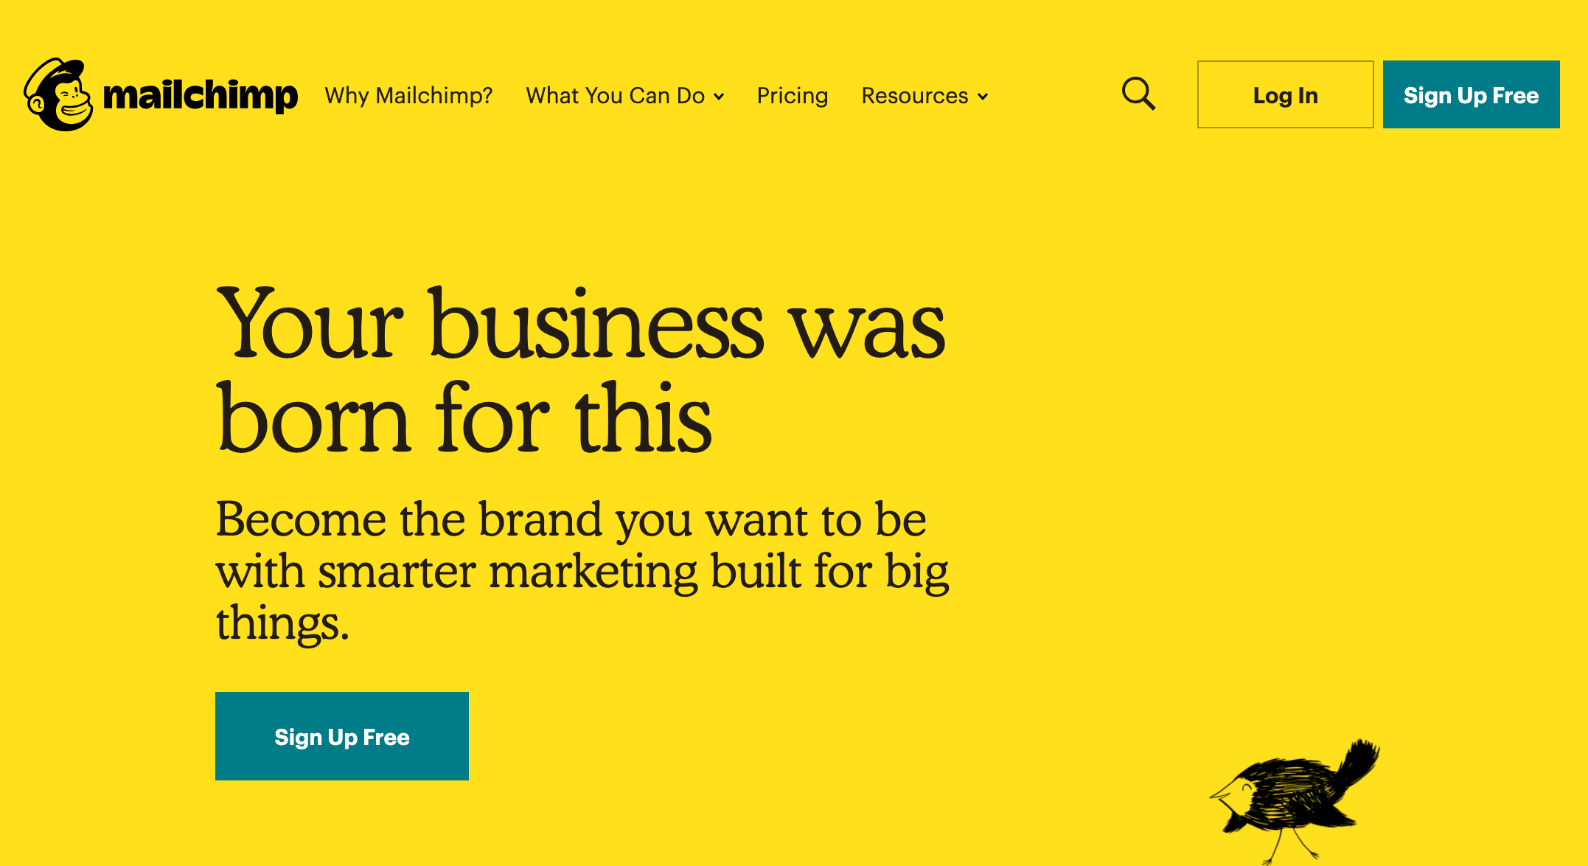 Email marketing di MailChimp